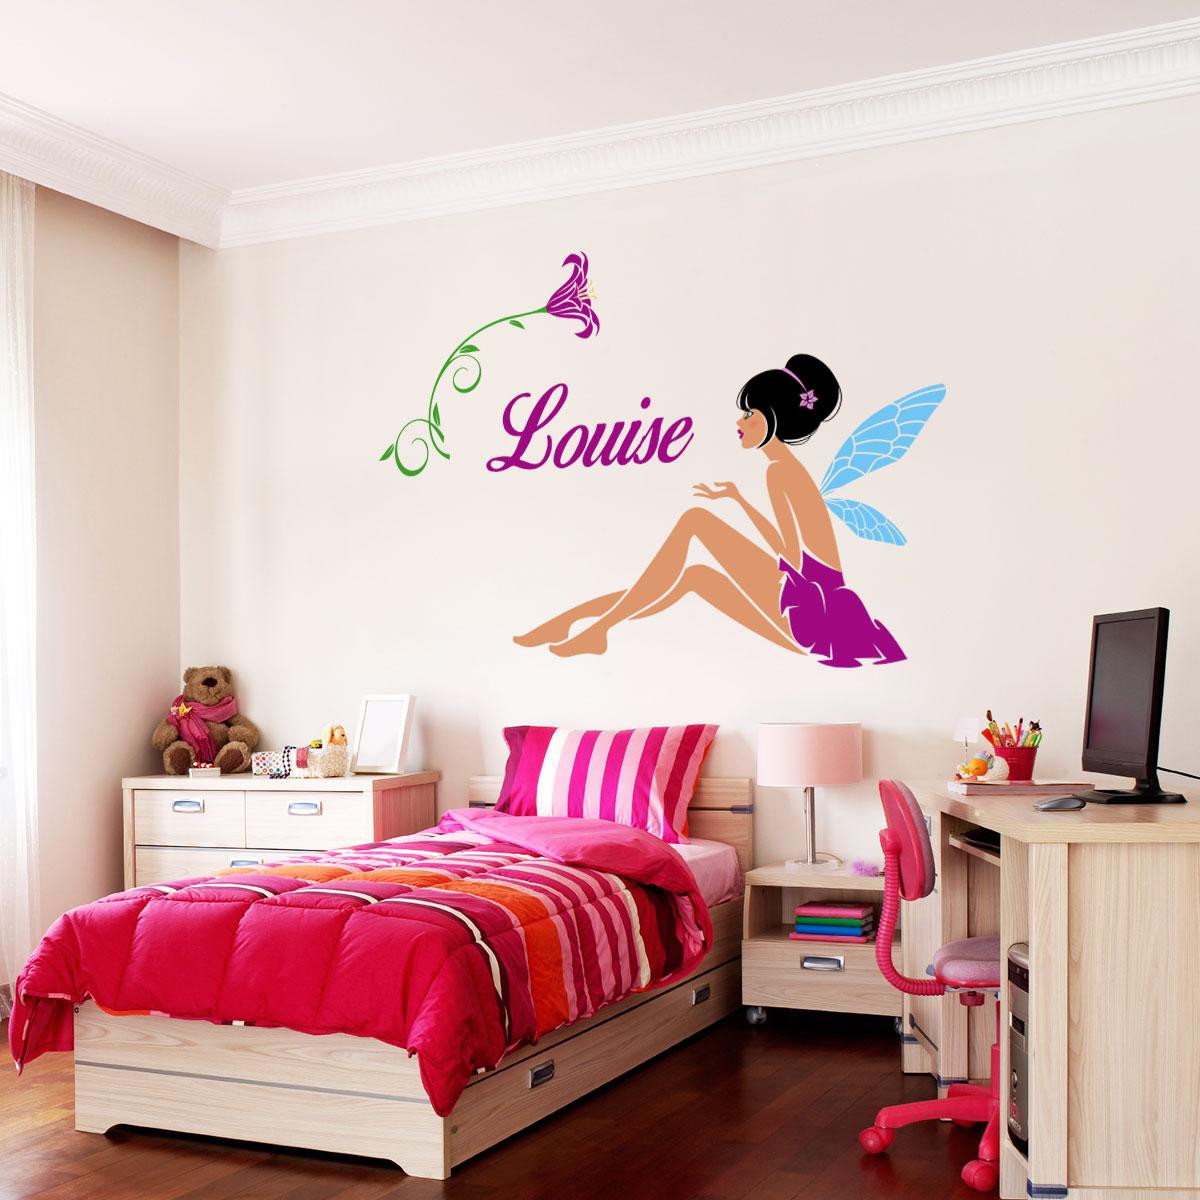 sticker pr nom personnalisable f e bucolique stickers. Black Bedroom Furniture Sets. Home Design Ideas